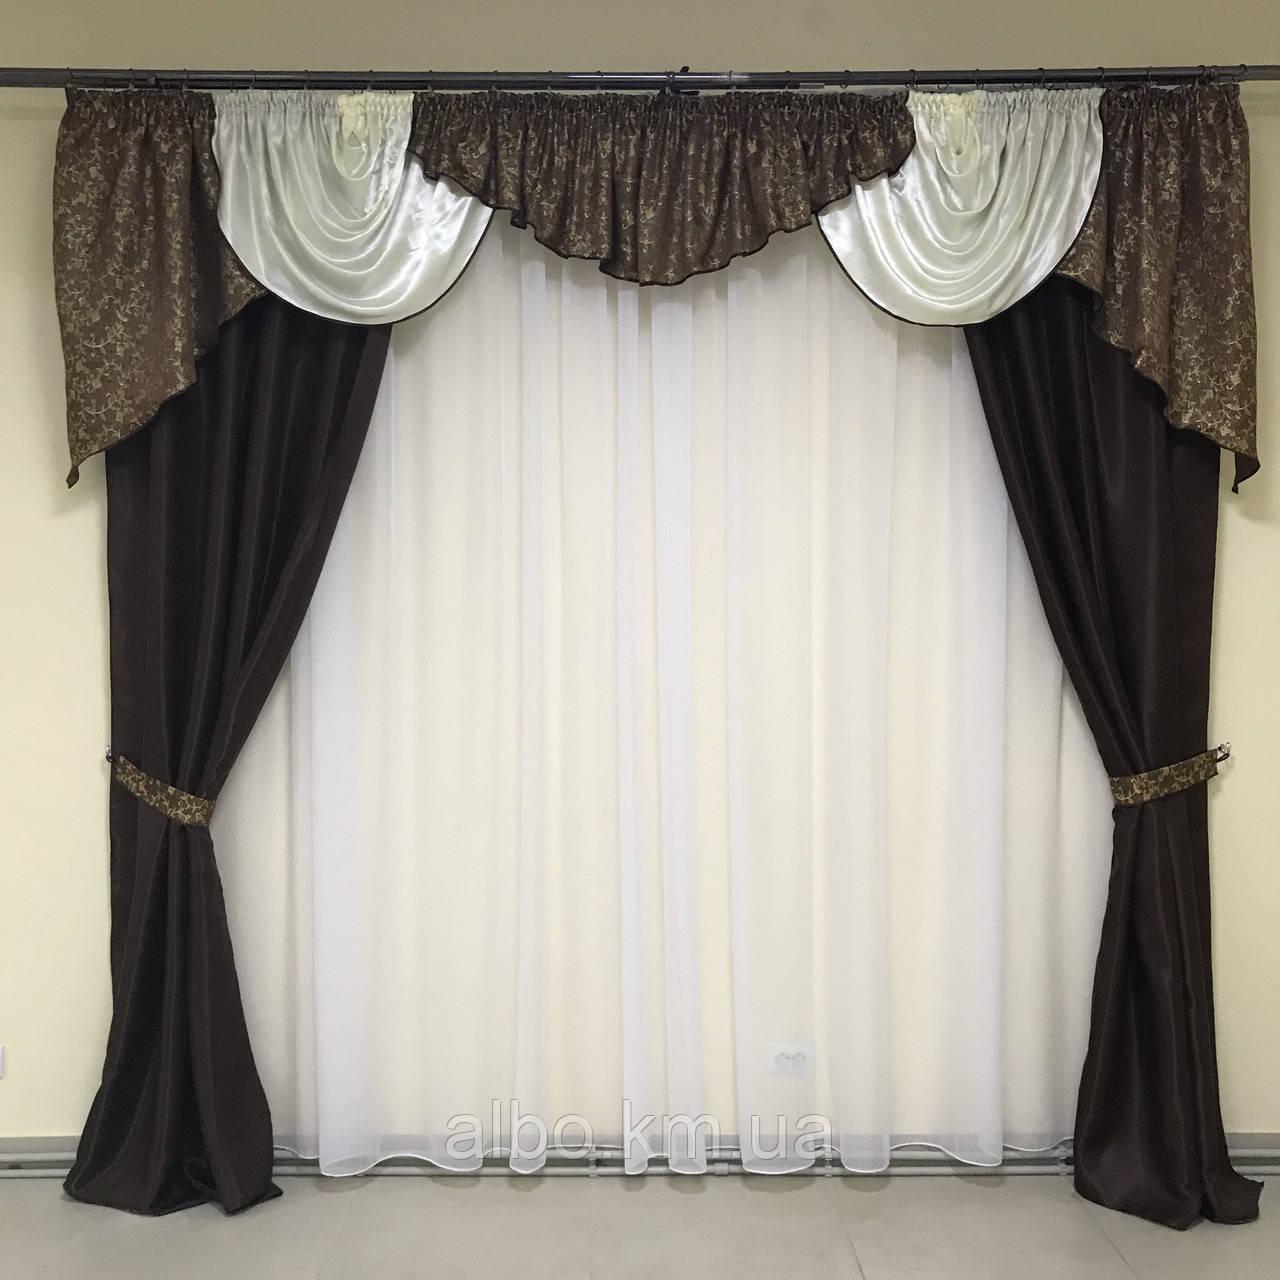 Шторы для зала спальни комнаты с ламбрекеном, жаккардовые шторы ламбрекены в зал кухню спальню гостинную,